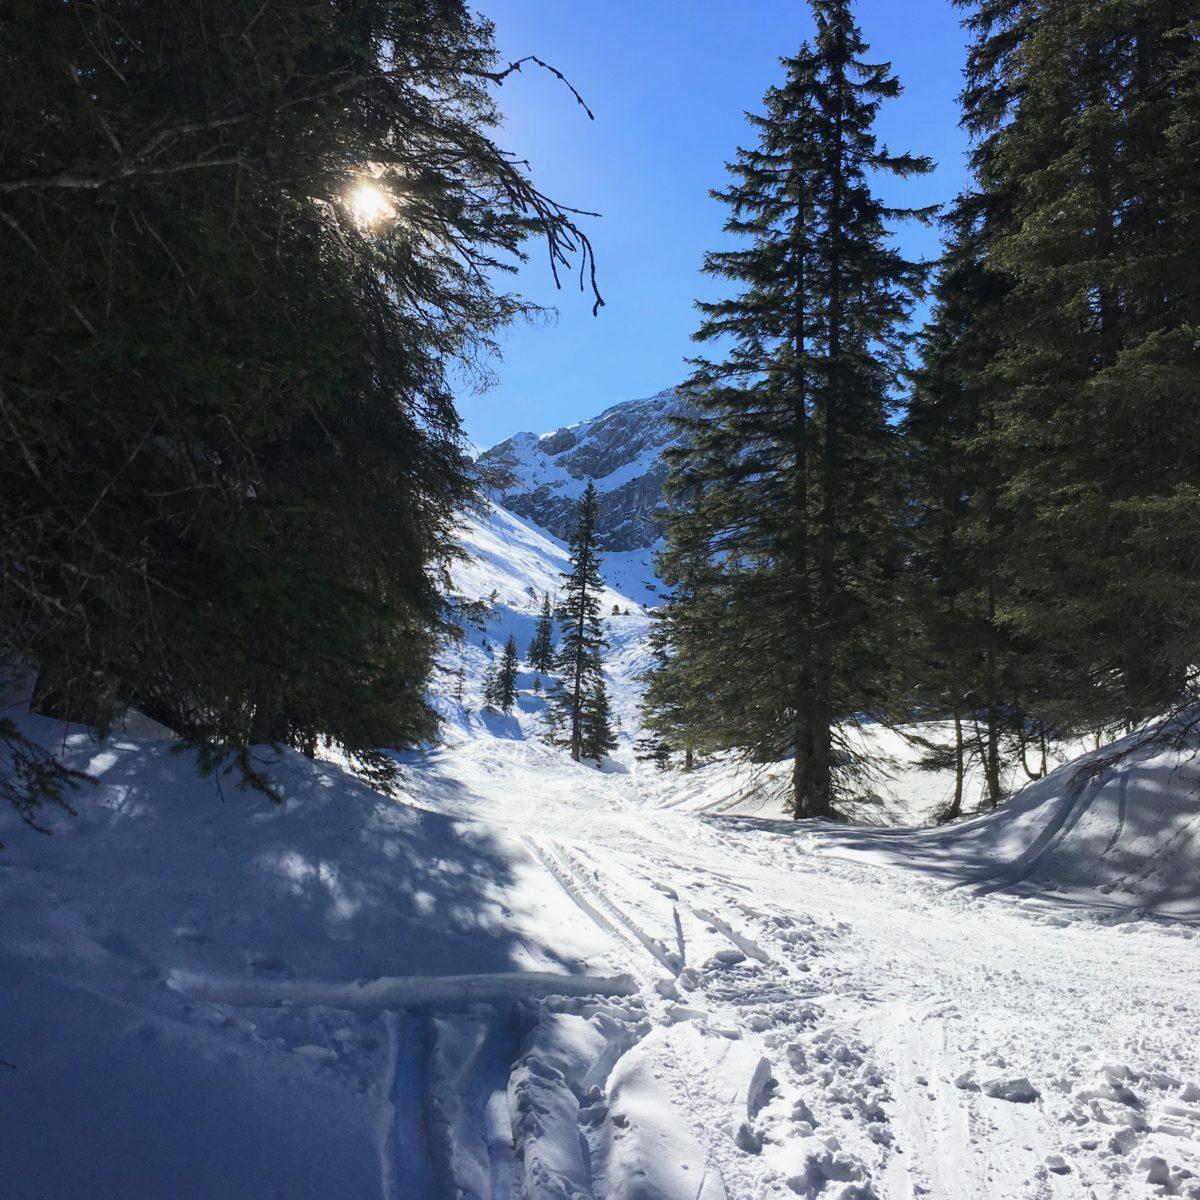 Aufstiegsspur in Richtung Bernadeinspitze und Alpspitze